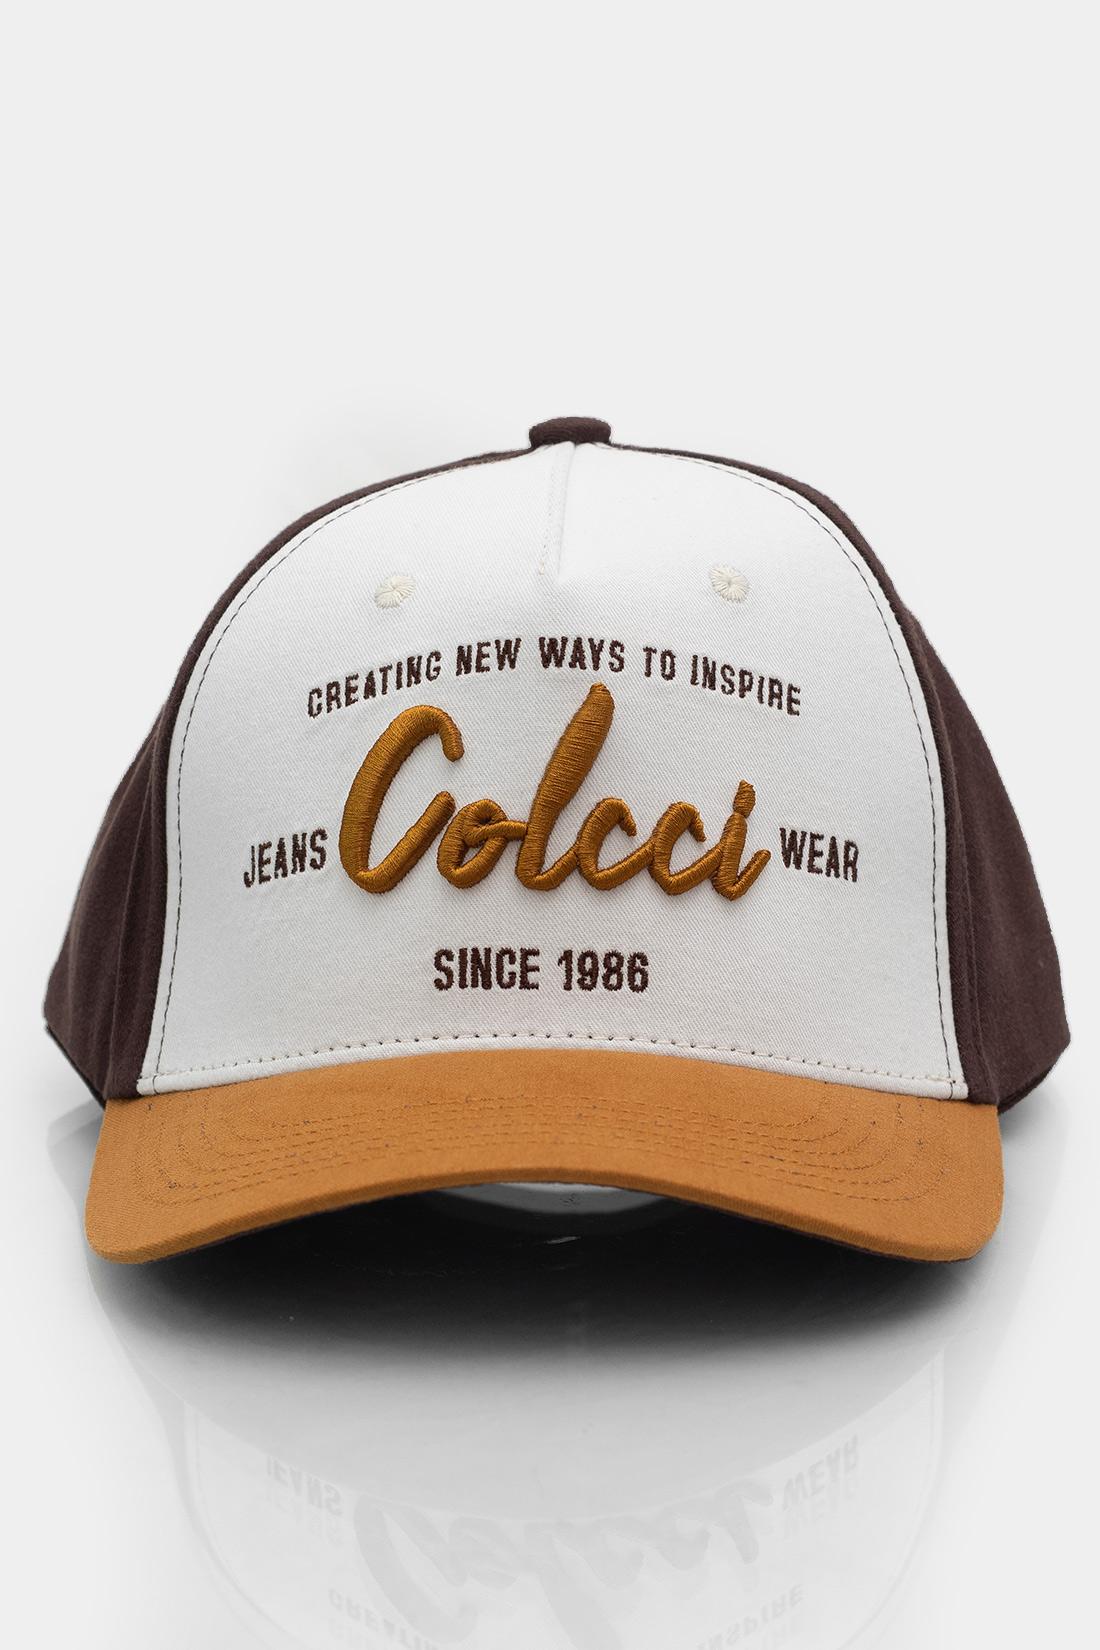 Bone Colcci Ways To Inspire